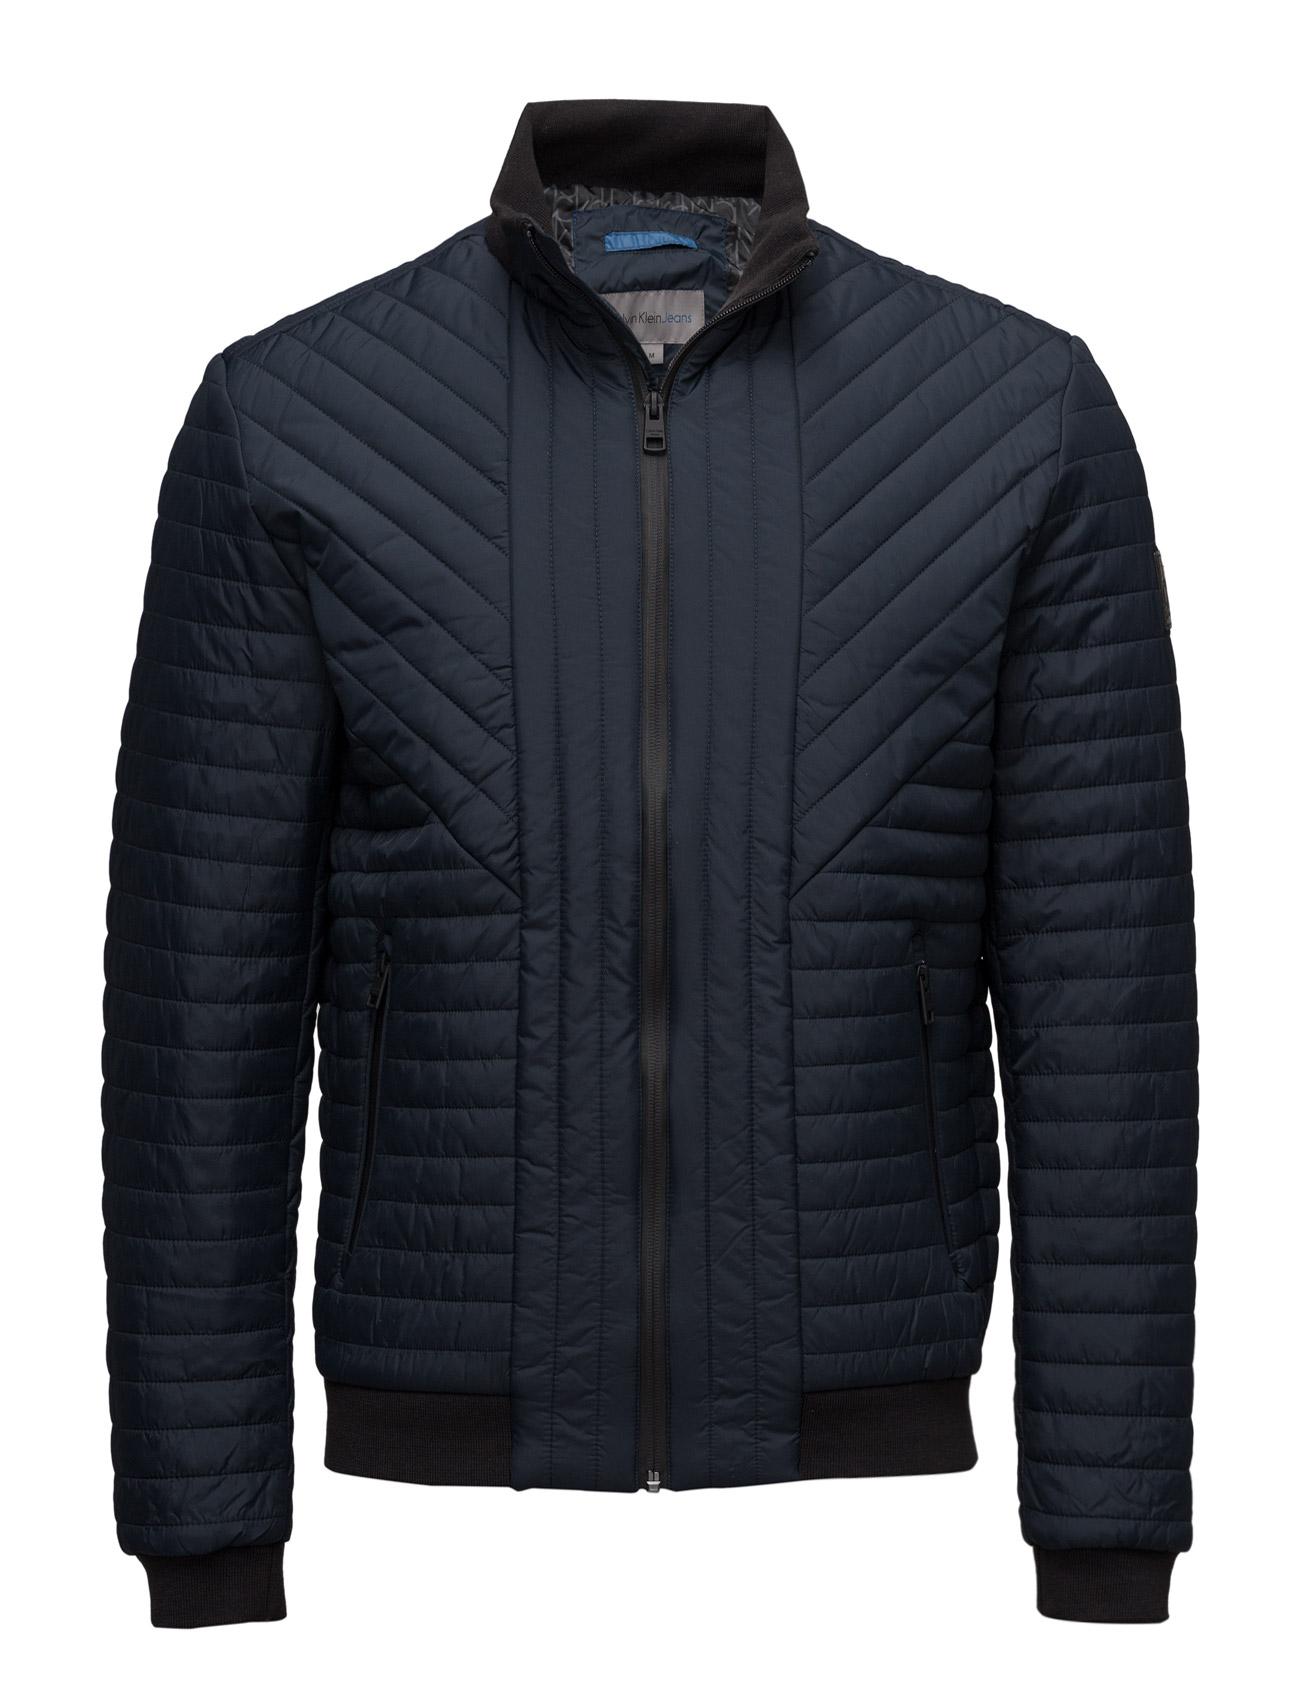 Oline Padded Jacket Calvin Klein Jeans Jakker til Herrer i Nattehimmel